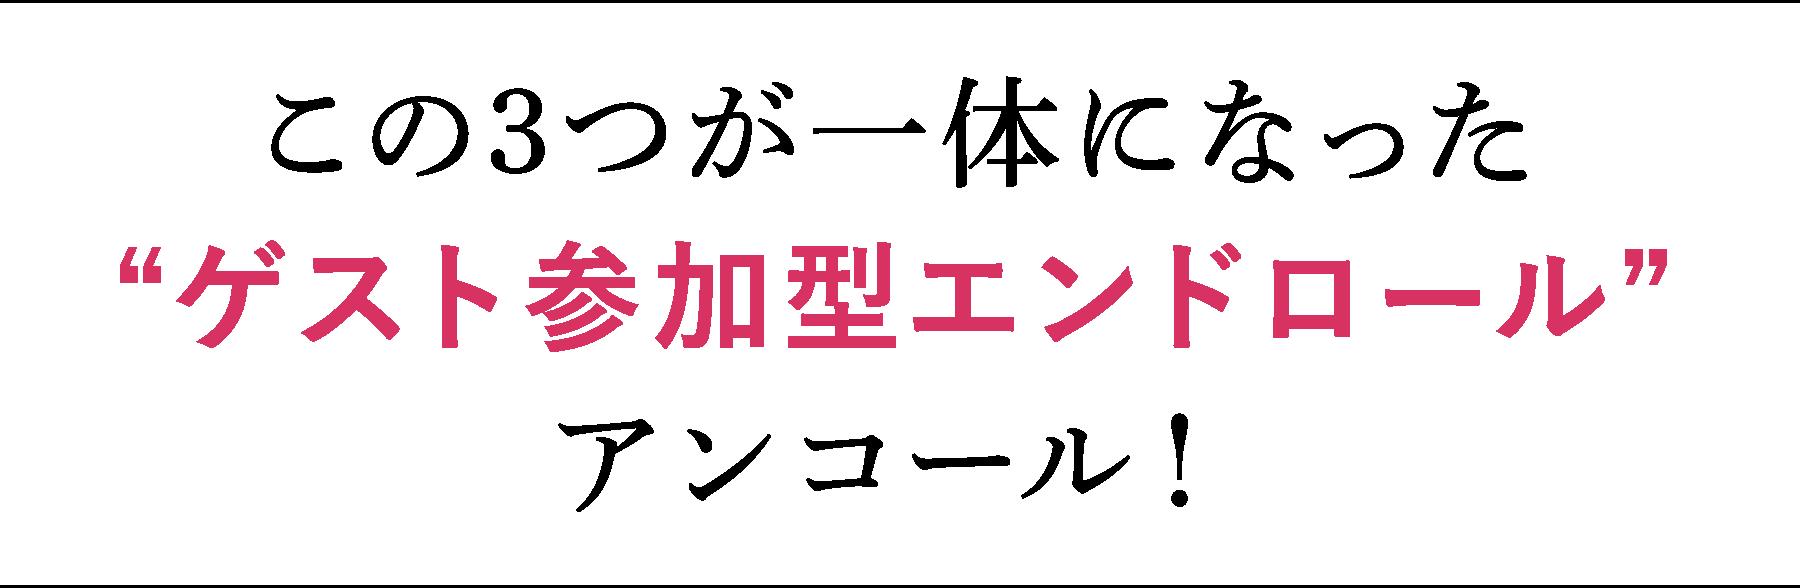 """この3つが一体になった""""ゲスト参加型エンドロール""""アンコール!"""